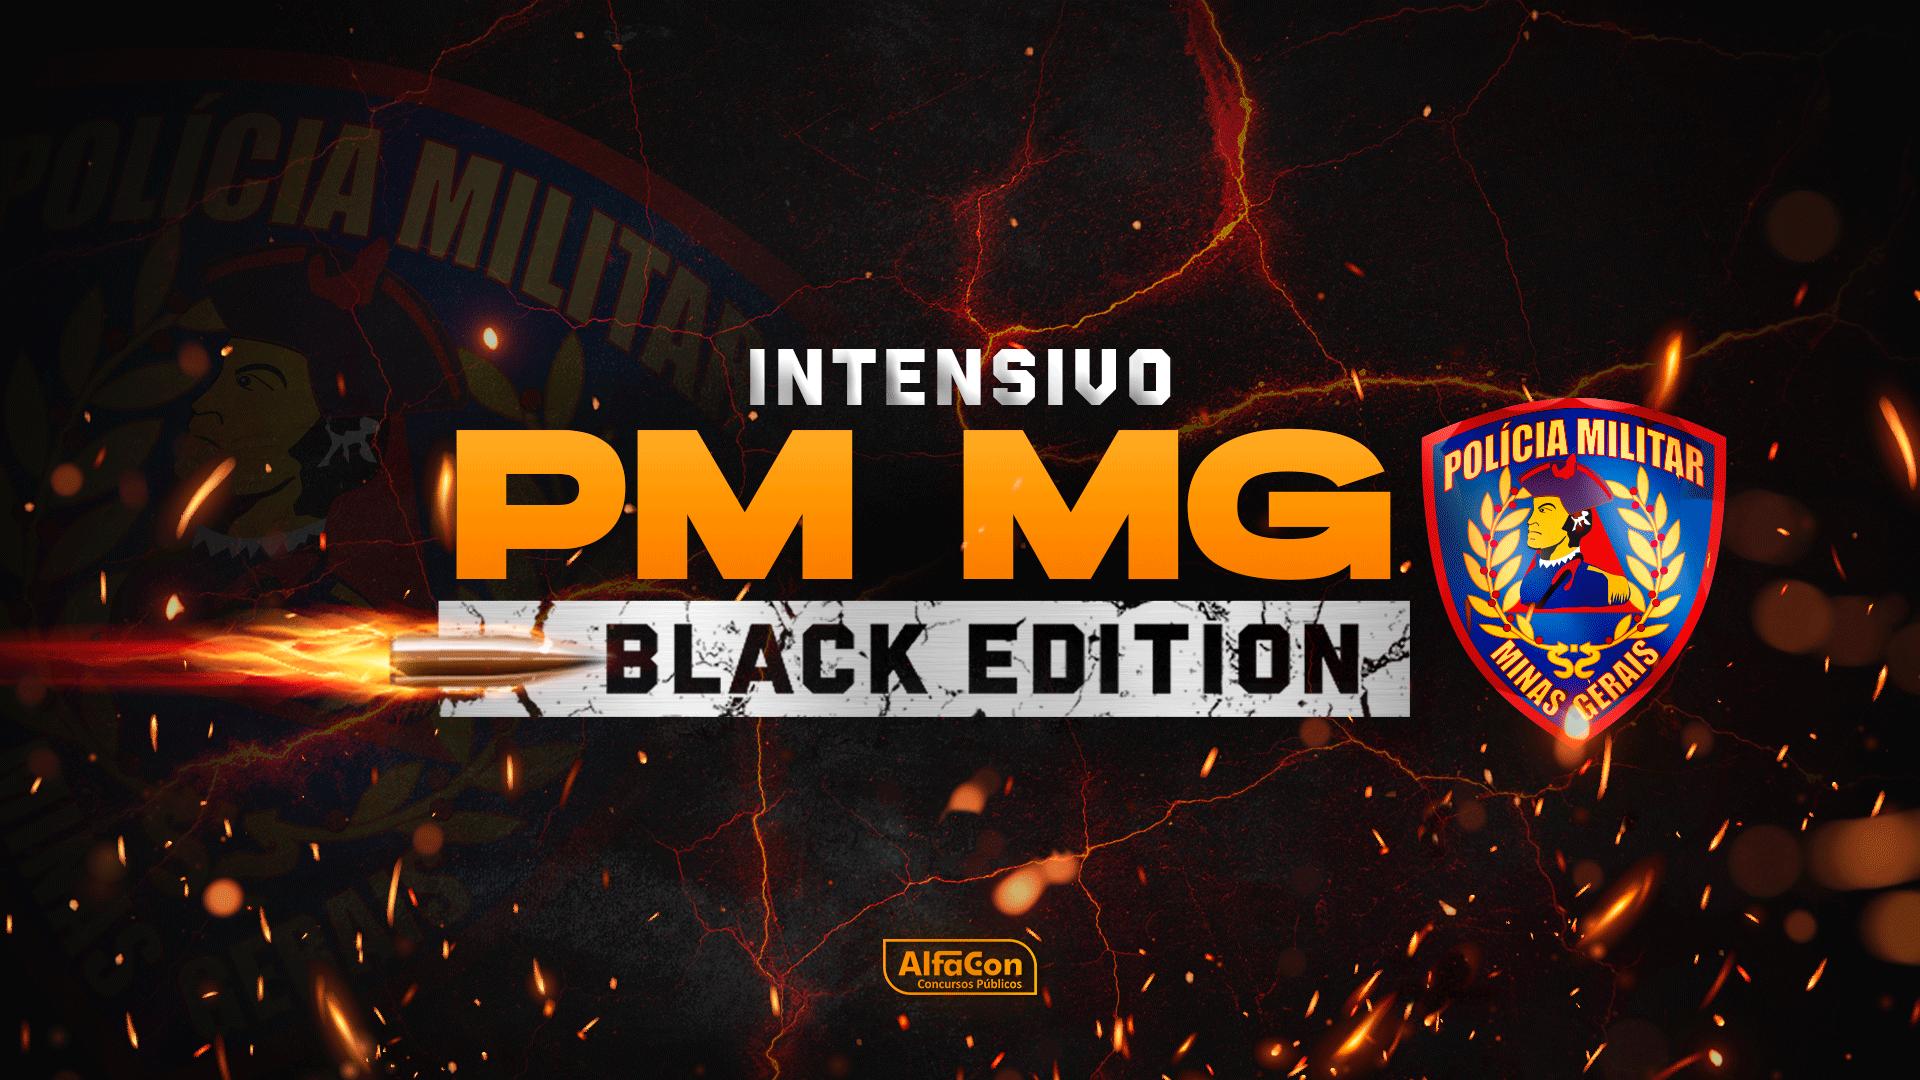 PM MG - Black Edition - Soldado da Polícia Militar de Minas Gerais